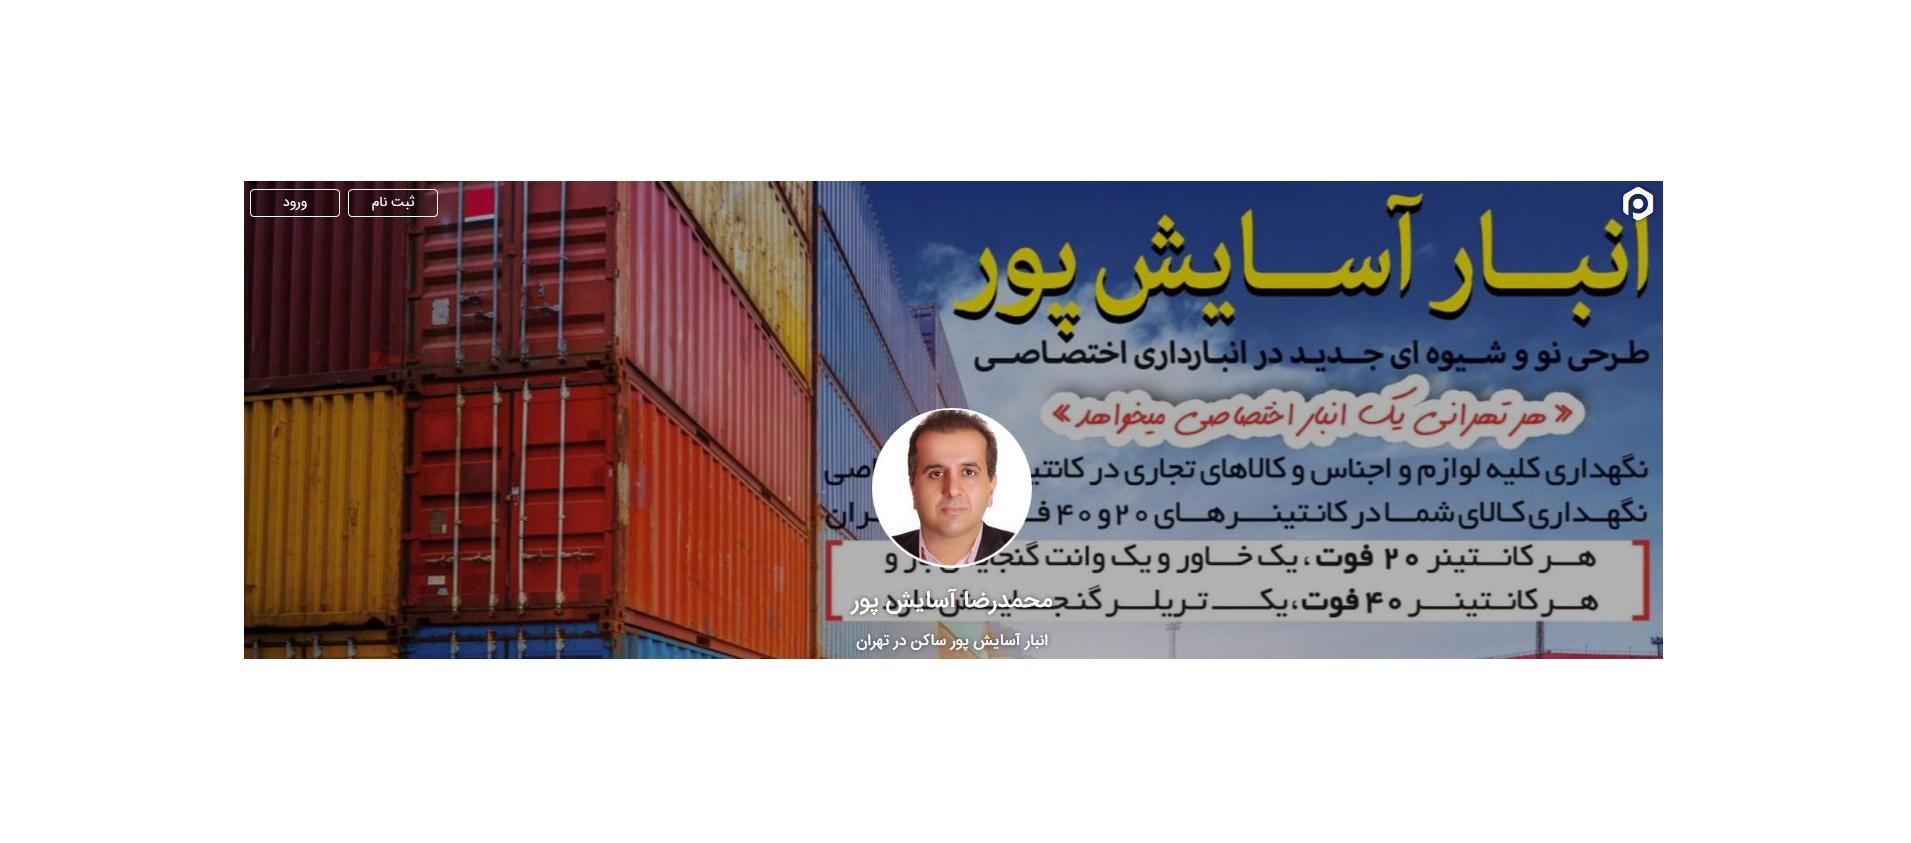 محمد رضا آسایش پور